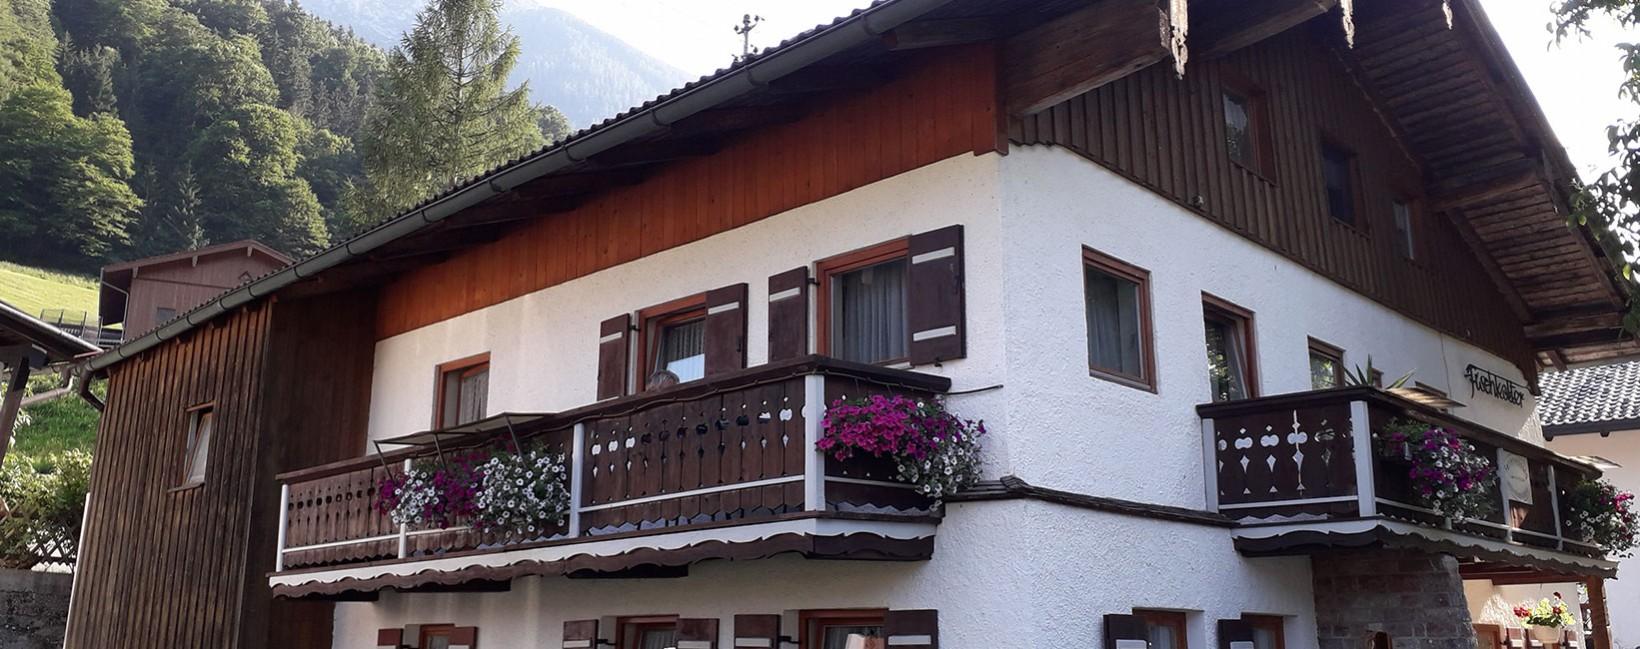 Ferienwohnungen Fischkalter Ramsau-Berchtesgaden